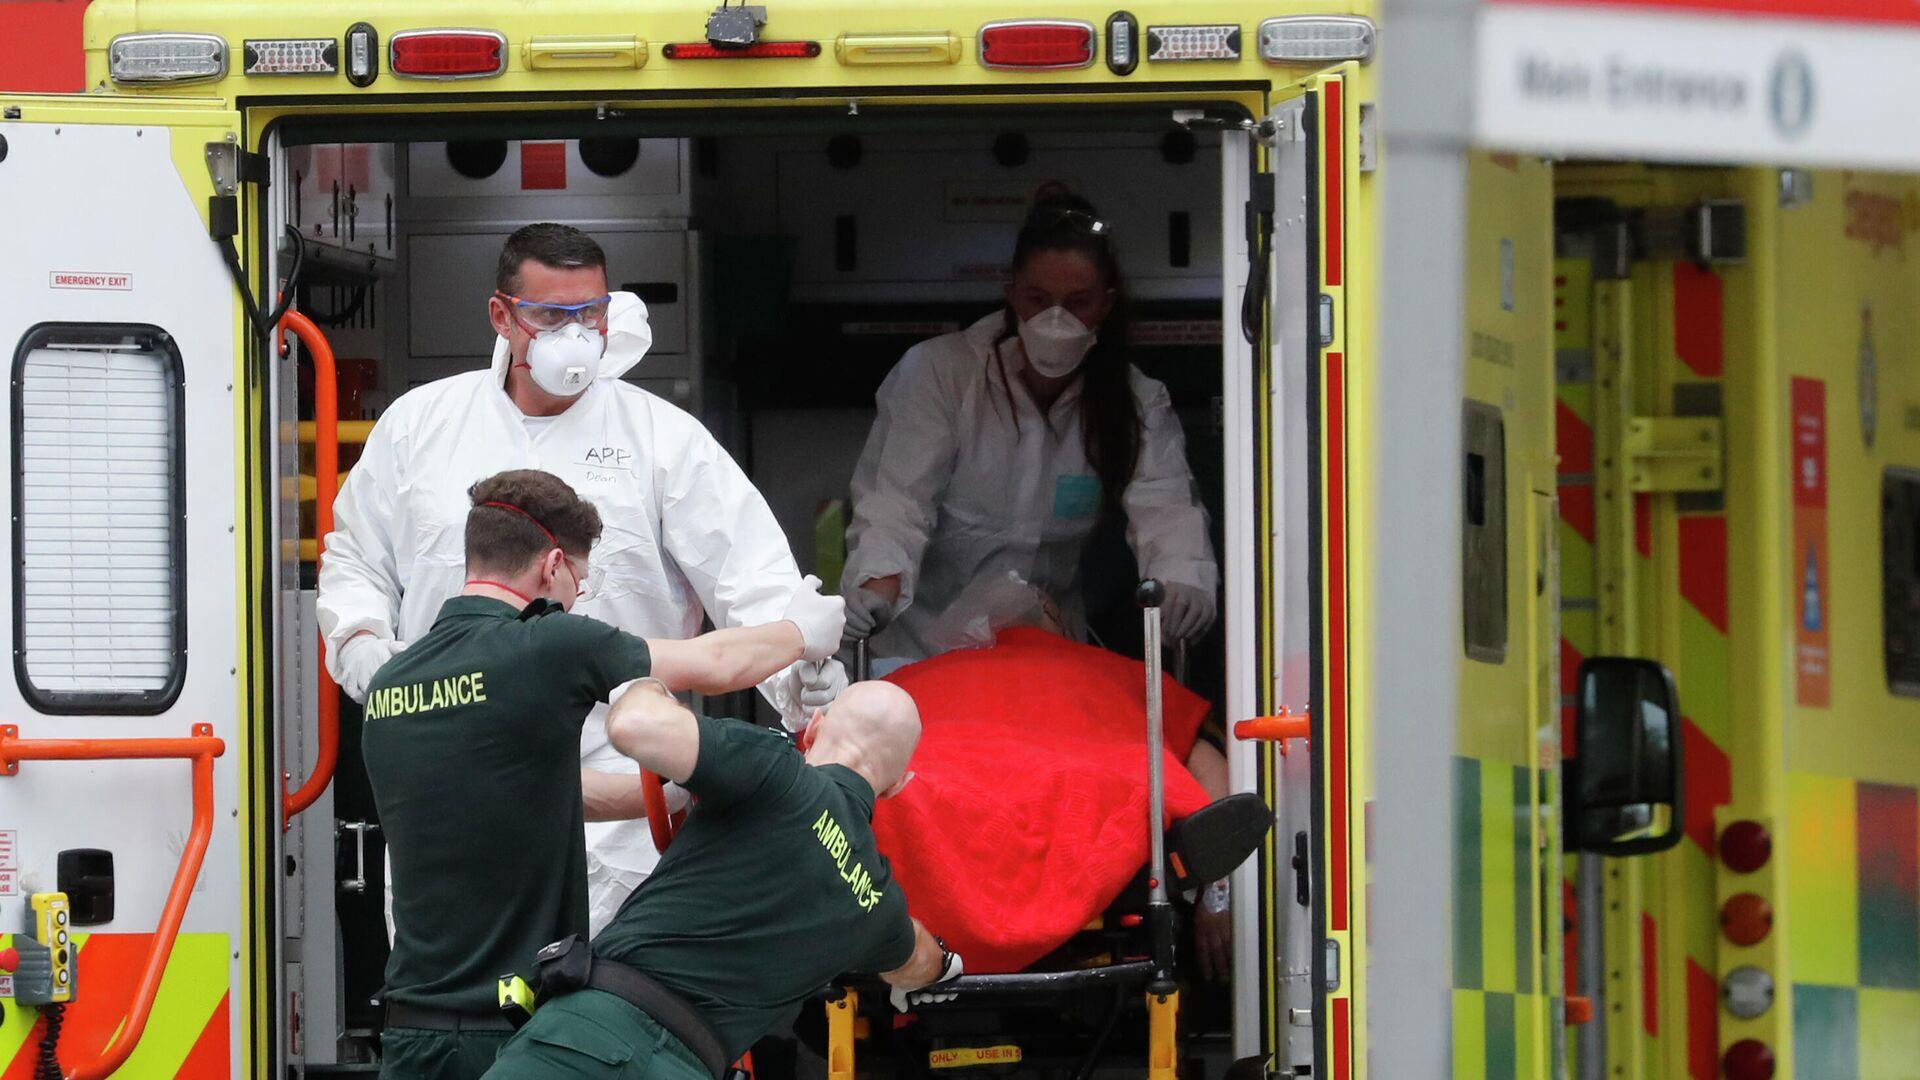 Медицинские сотрудники в защитных костюмах, доставляют пациента в больницу Святого Томаса в Лондоне, Британия - РИА Новости, 1920, 16.07.2021